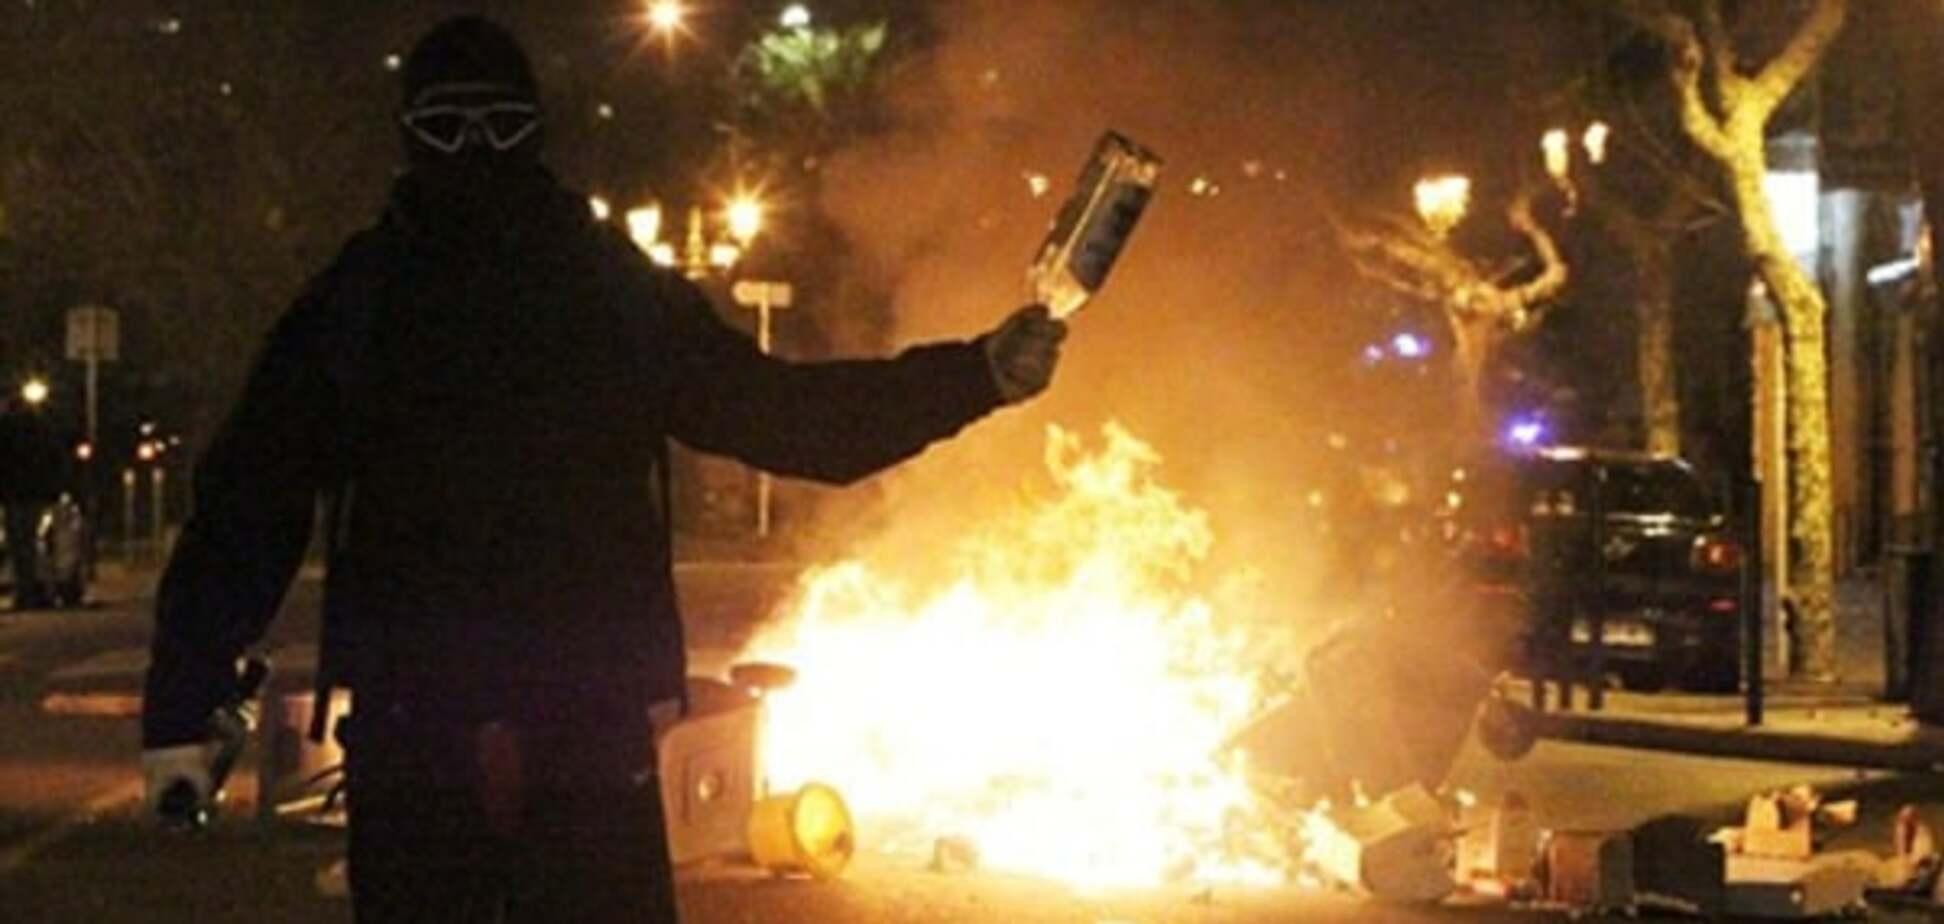 'Підготовка' до Євро-2016. У Франції фанати закидали поліцію коктейлями Молотова: фото свавілля